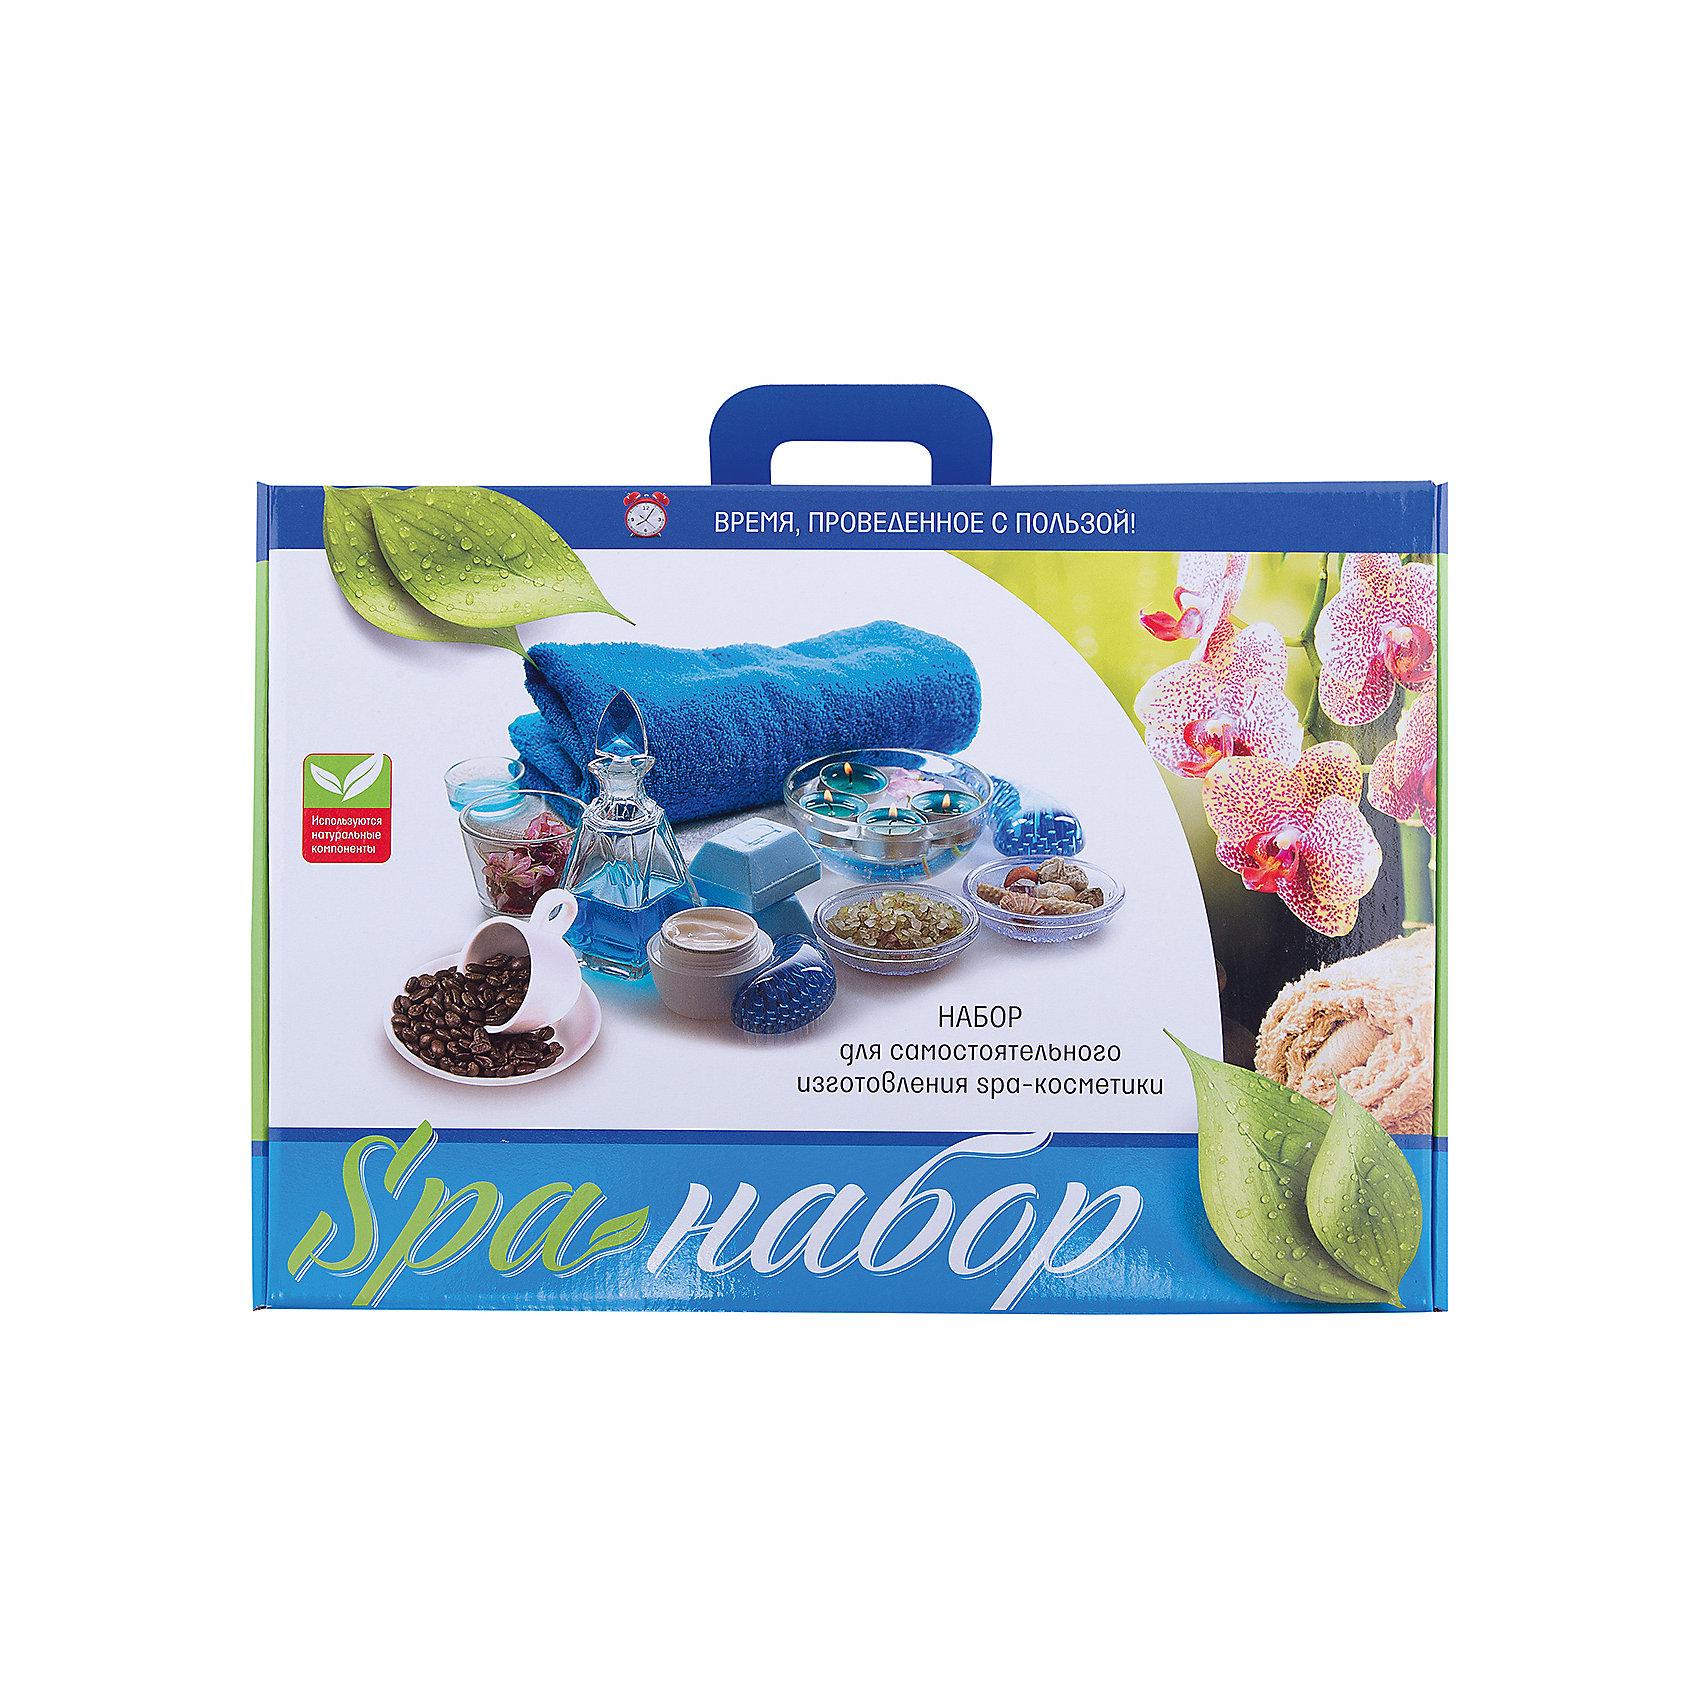 SPA-НаборКосметика, грим и парфюмерия<br>Характеристики товара:<br><br>• упаковка: коробка<br>• комплектация: мыльная основа, основа для создания шампуня, ароматизаторы, красители, основа для бомбочек, мягкая губка, скраб на основе кофе, перчатки и подробная инструкция<br>• материал: пластик, мыло <br>• возраст: от 8 лет<br>• размер упаковки: 40х28х10 см.<br>• страна бренда: Российская Федерация<br>• страна производства: Российская Федерация<br><br>Создание косметики своими руками - отличный способ занять ребенка. Это не только занимательно, но и очень полезно! С помощью такого набора для творчества ребенок сможет научиться сам делать шампунь, скраб, мыло и бомбочки для купания. В комплекте - ароматизатор, с помощью которого можно придать косметике запах. Готовое изделие может стать подарком от ребенка на праздник для близких и родственников!<br>Такое занятие помогает детям развивать многие важные навыки и способности: они тренируют внимание, память, логику, мышление, мелкую моторику, а также усидчивость и аккуратность. Изделие производится из качественных сертифицированных материалов, безопасных даже для самых маленьких.<br><br>SPA-Набор от бренда Каррас можно купить в нашем интернет-магазине.<br><br>Ширина мм: 400<br>Глубина мм: 100<br>Высота мм: 280<br>Вес г: 1570<br>Возраст от месяцев: 96<br>Возраст до месяцев: 180<br>Пол: Женский<br>Возраст: Детский<br>SKU: 5083851